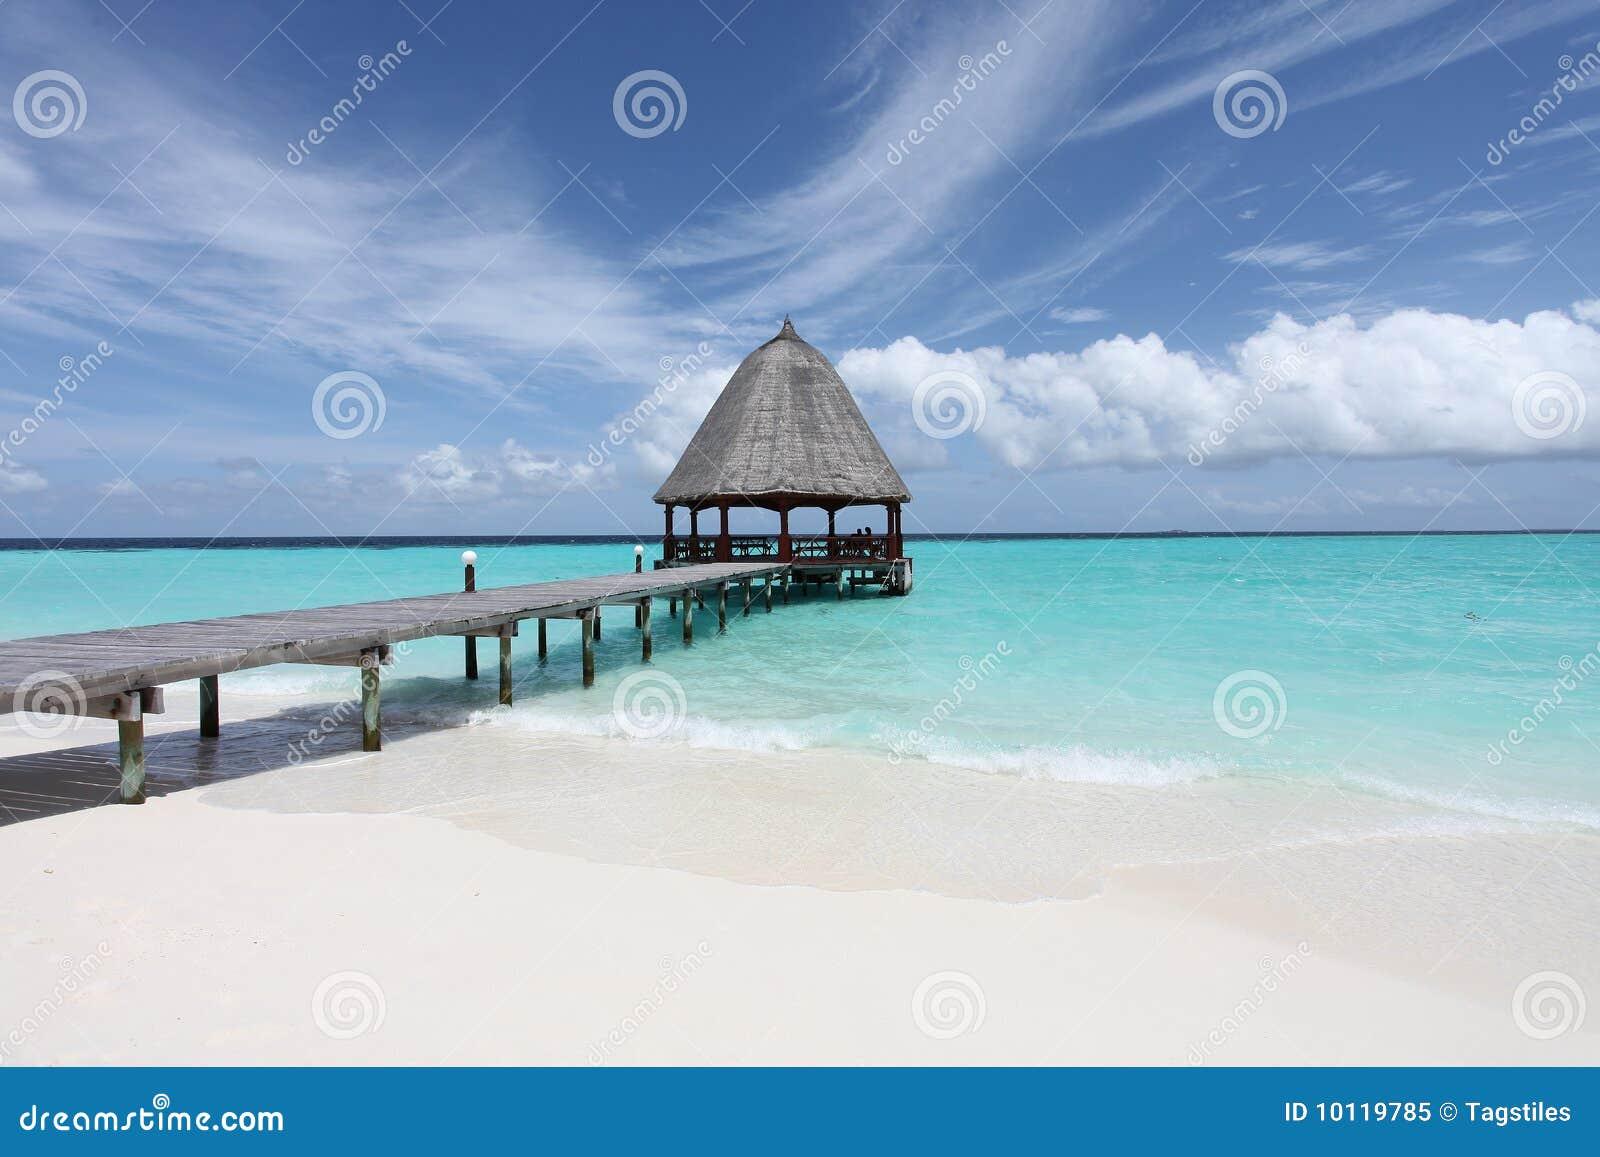 Download Ein Tag im Paradies stockbild. Bild von reisen, reise - 10119785